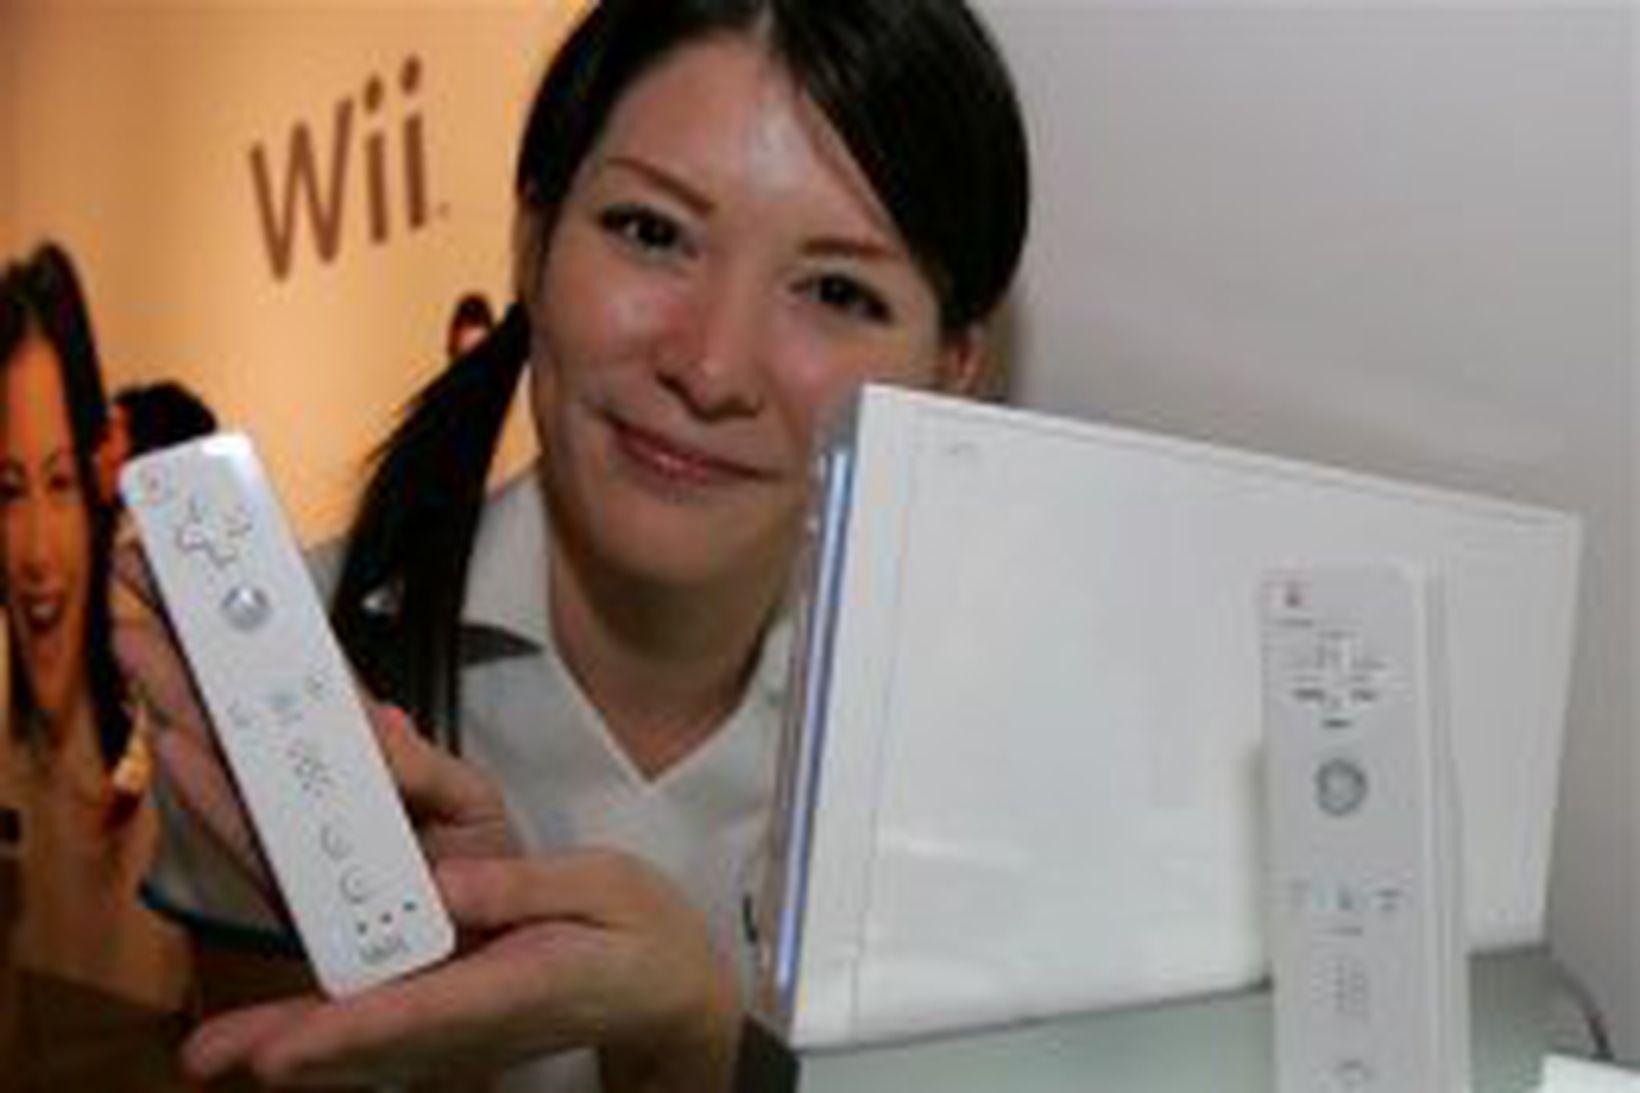 Wii leikjatölvan hefur notið mikilla vinsælda í Bandaríkjunum.